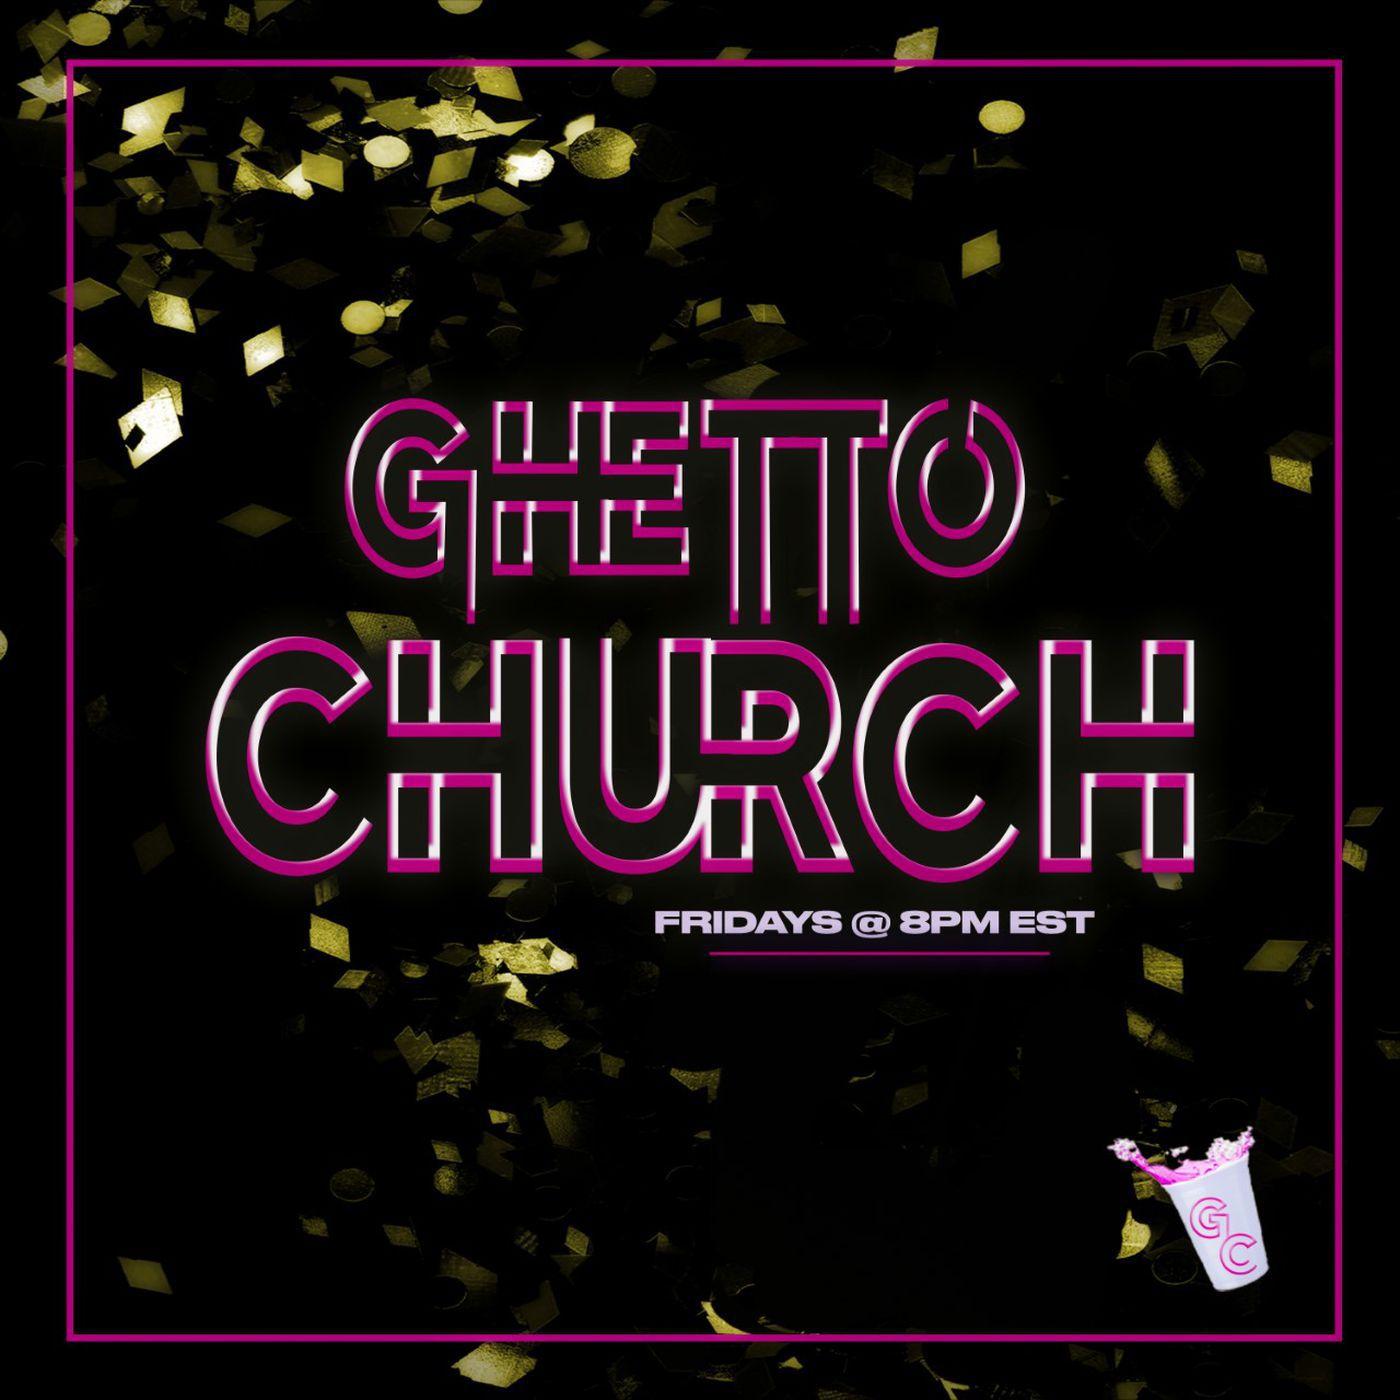 Ghetto Church